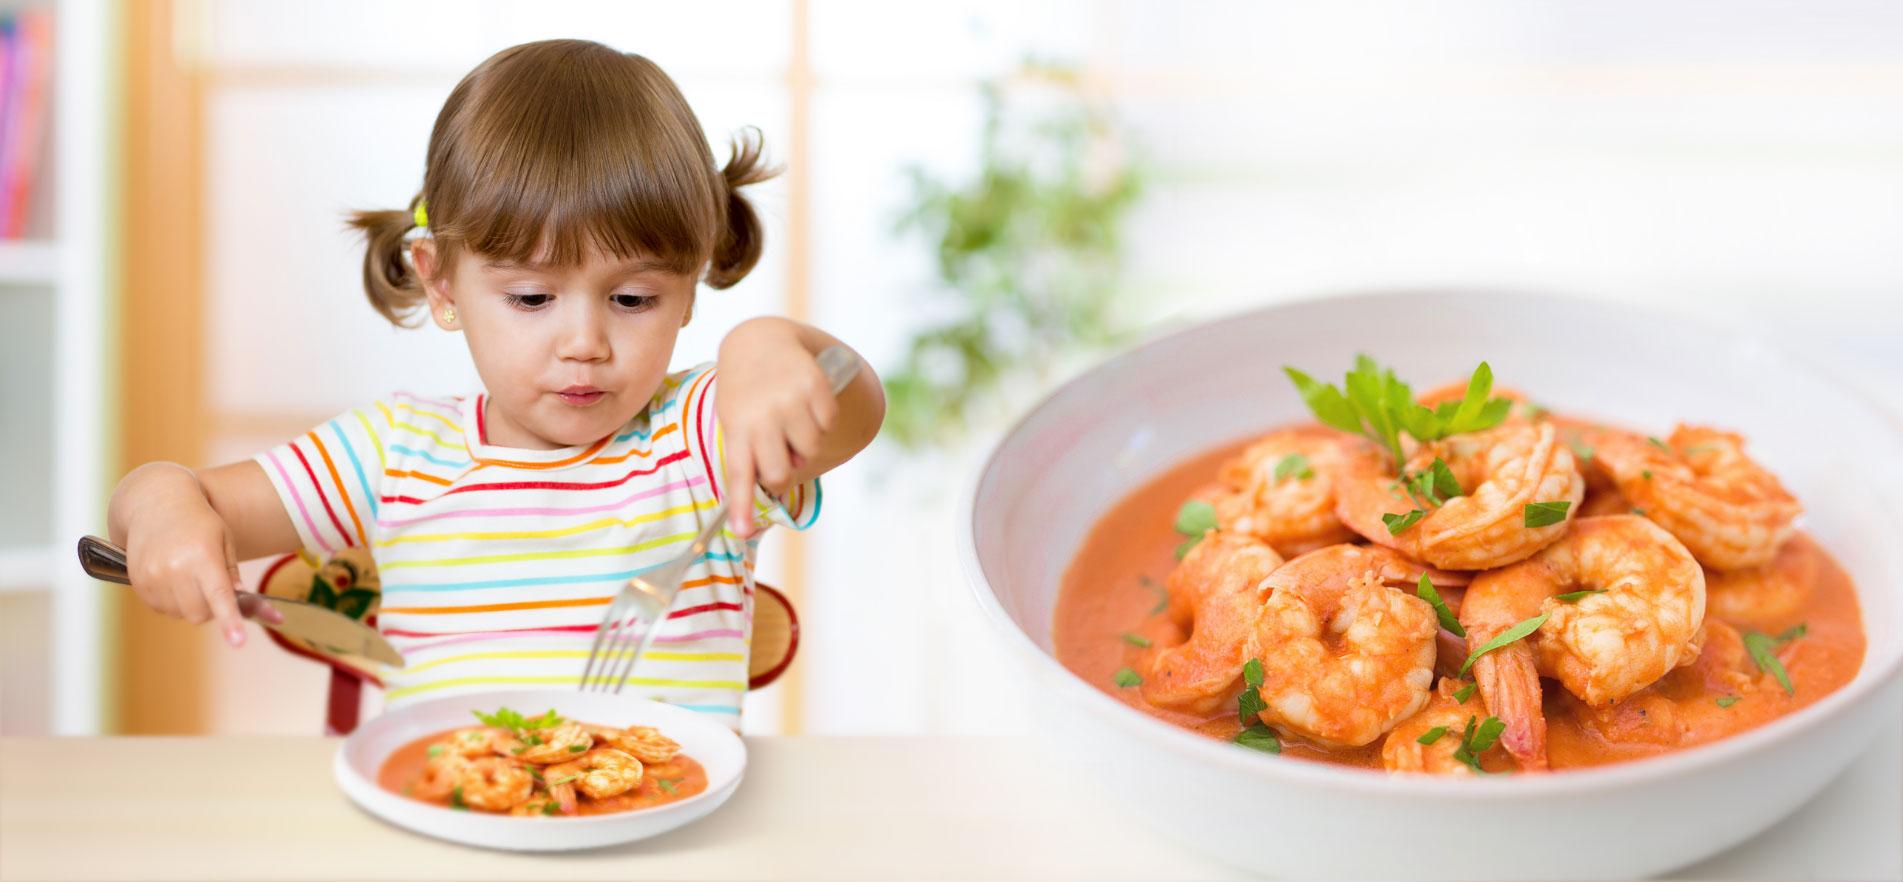 Качественные морепродукты в онлайн магазине FoodsDelivery